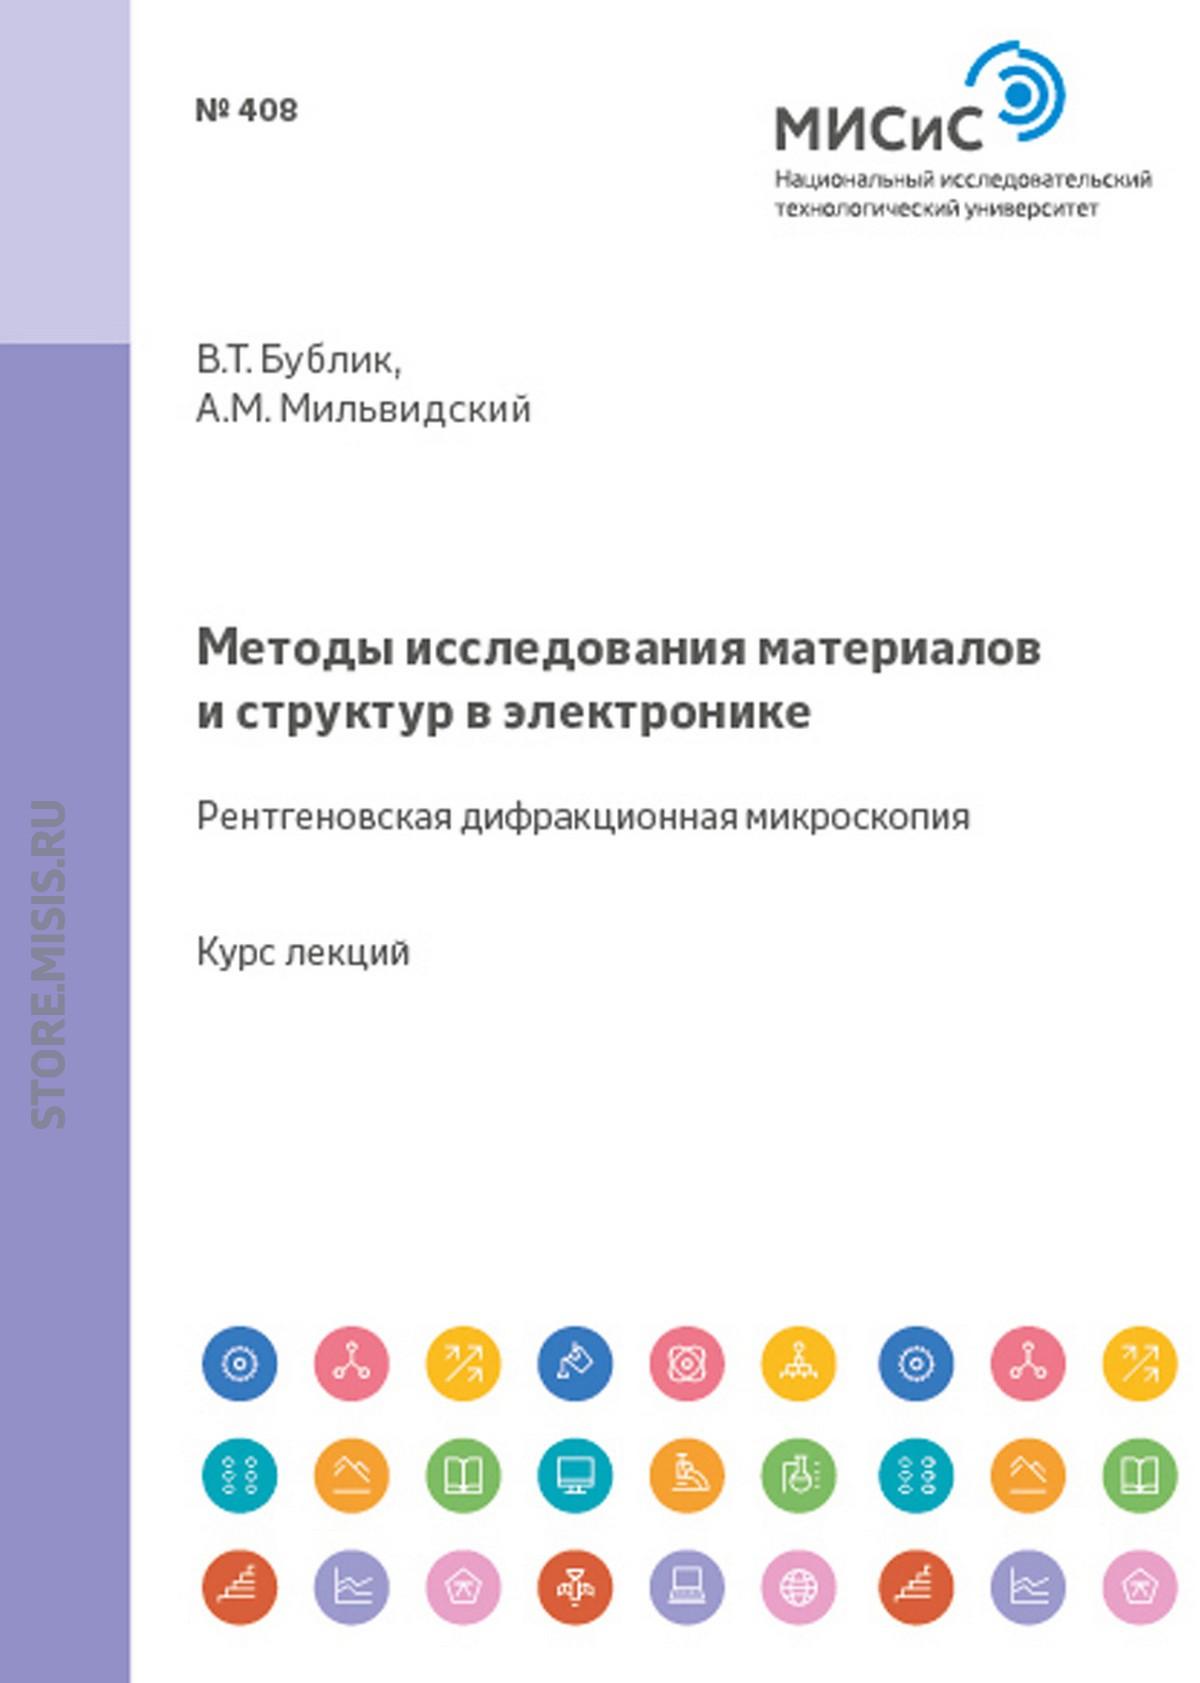 Владимир Бублик Методы исследования материалов и структур в электронике. Рентгеновская дифракционная микроскопия